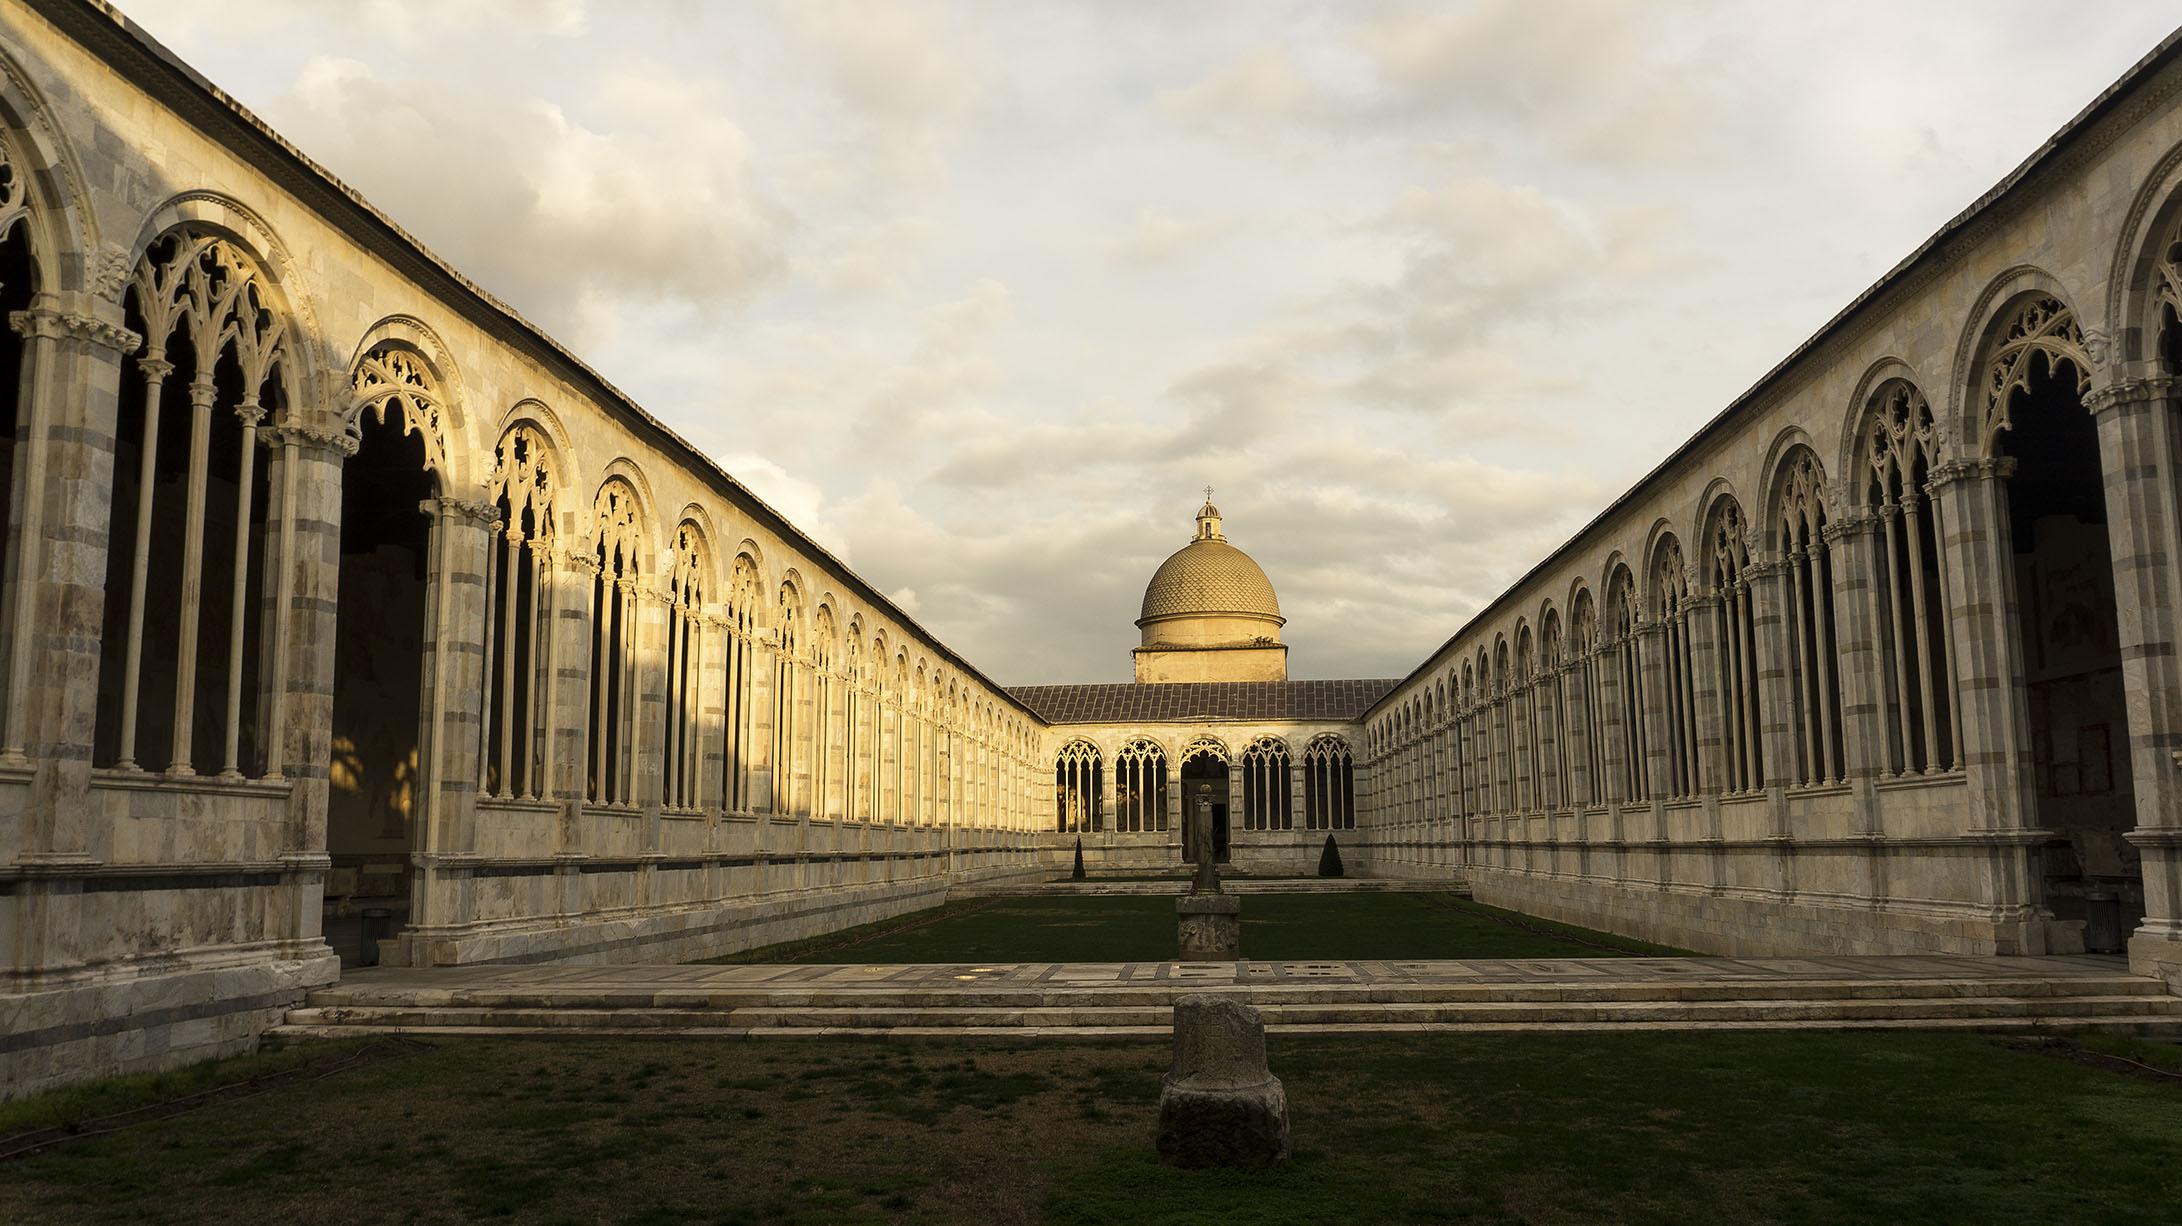 Достопримечательности Пизы: Кладбище Кампо-Санто (Campo Santo)